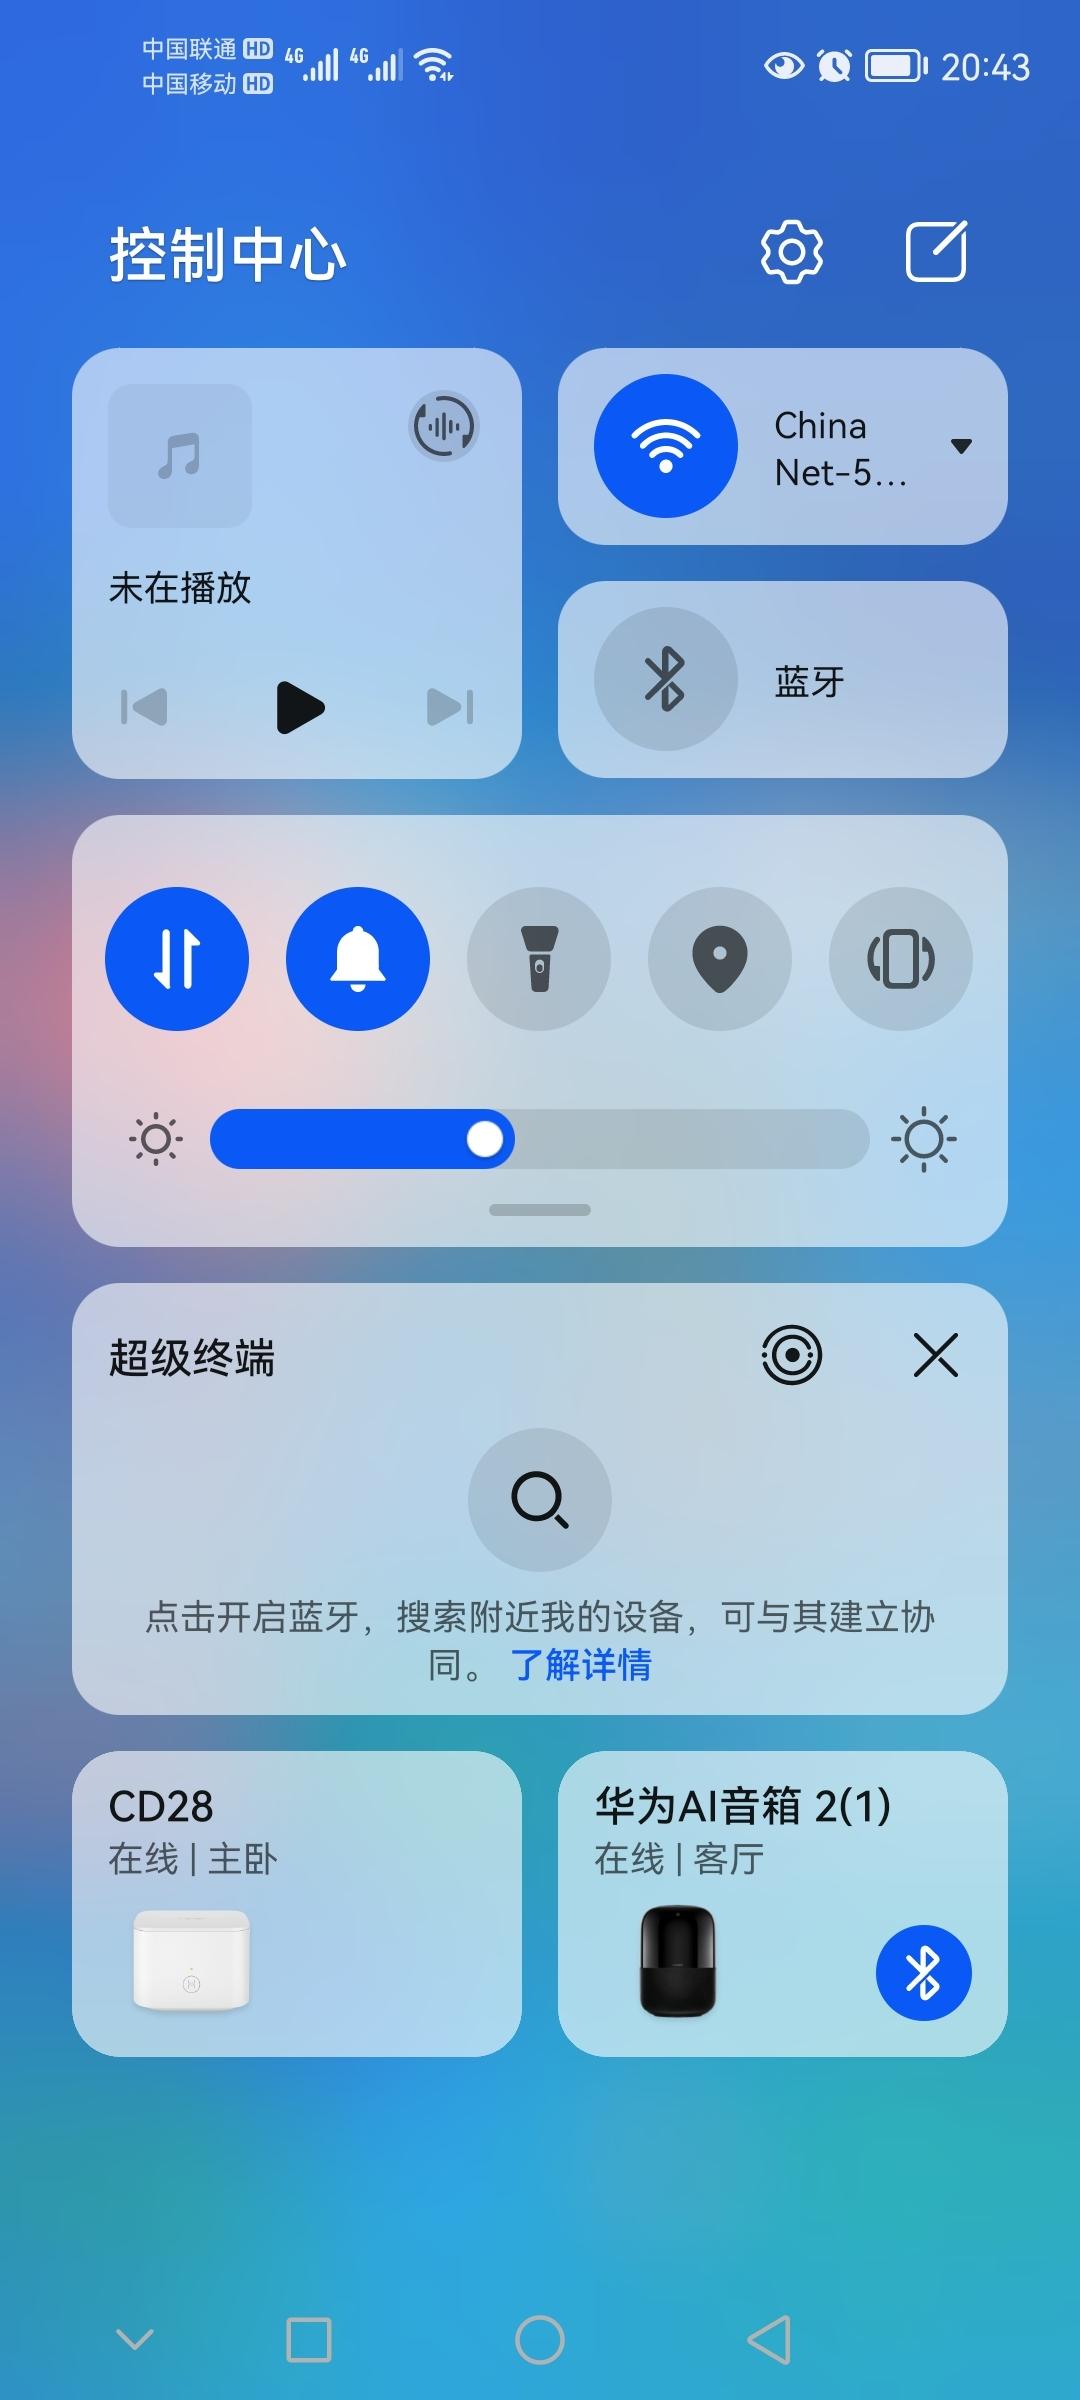 Screenshot_20210608_204344_com.huawei.android.launcher.jpg